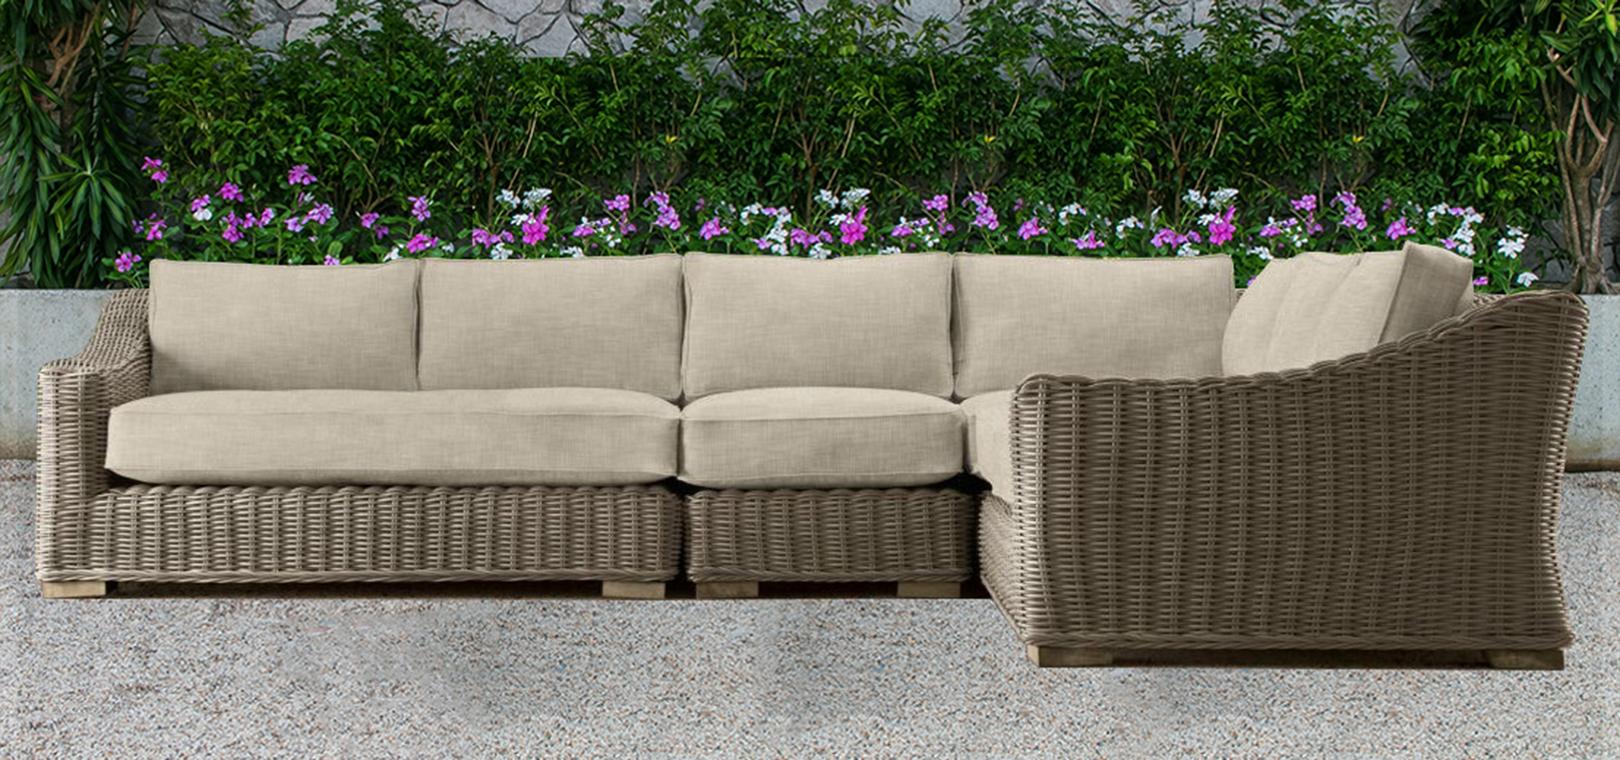 Aland collection outdoor sofa 3